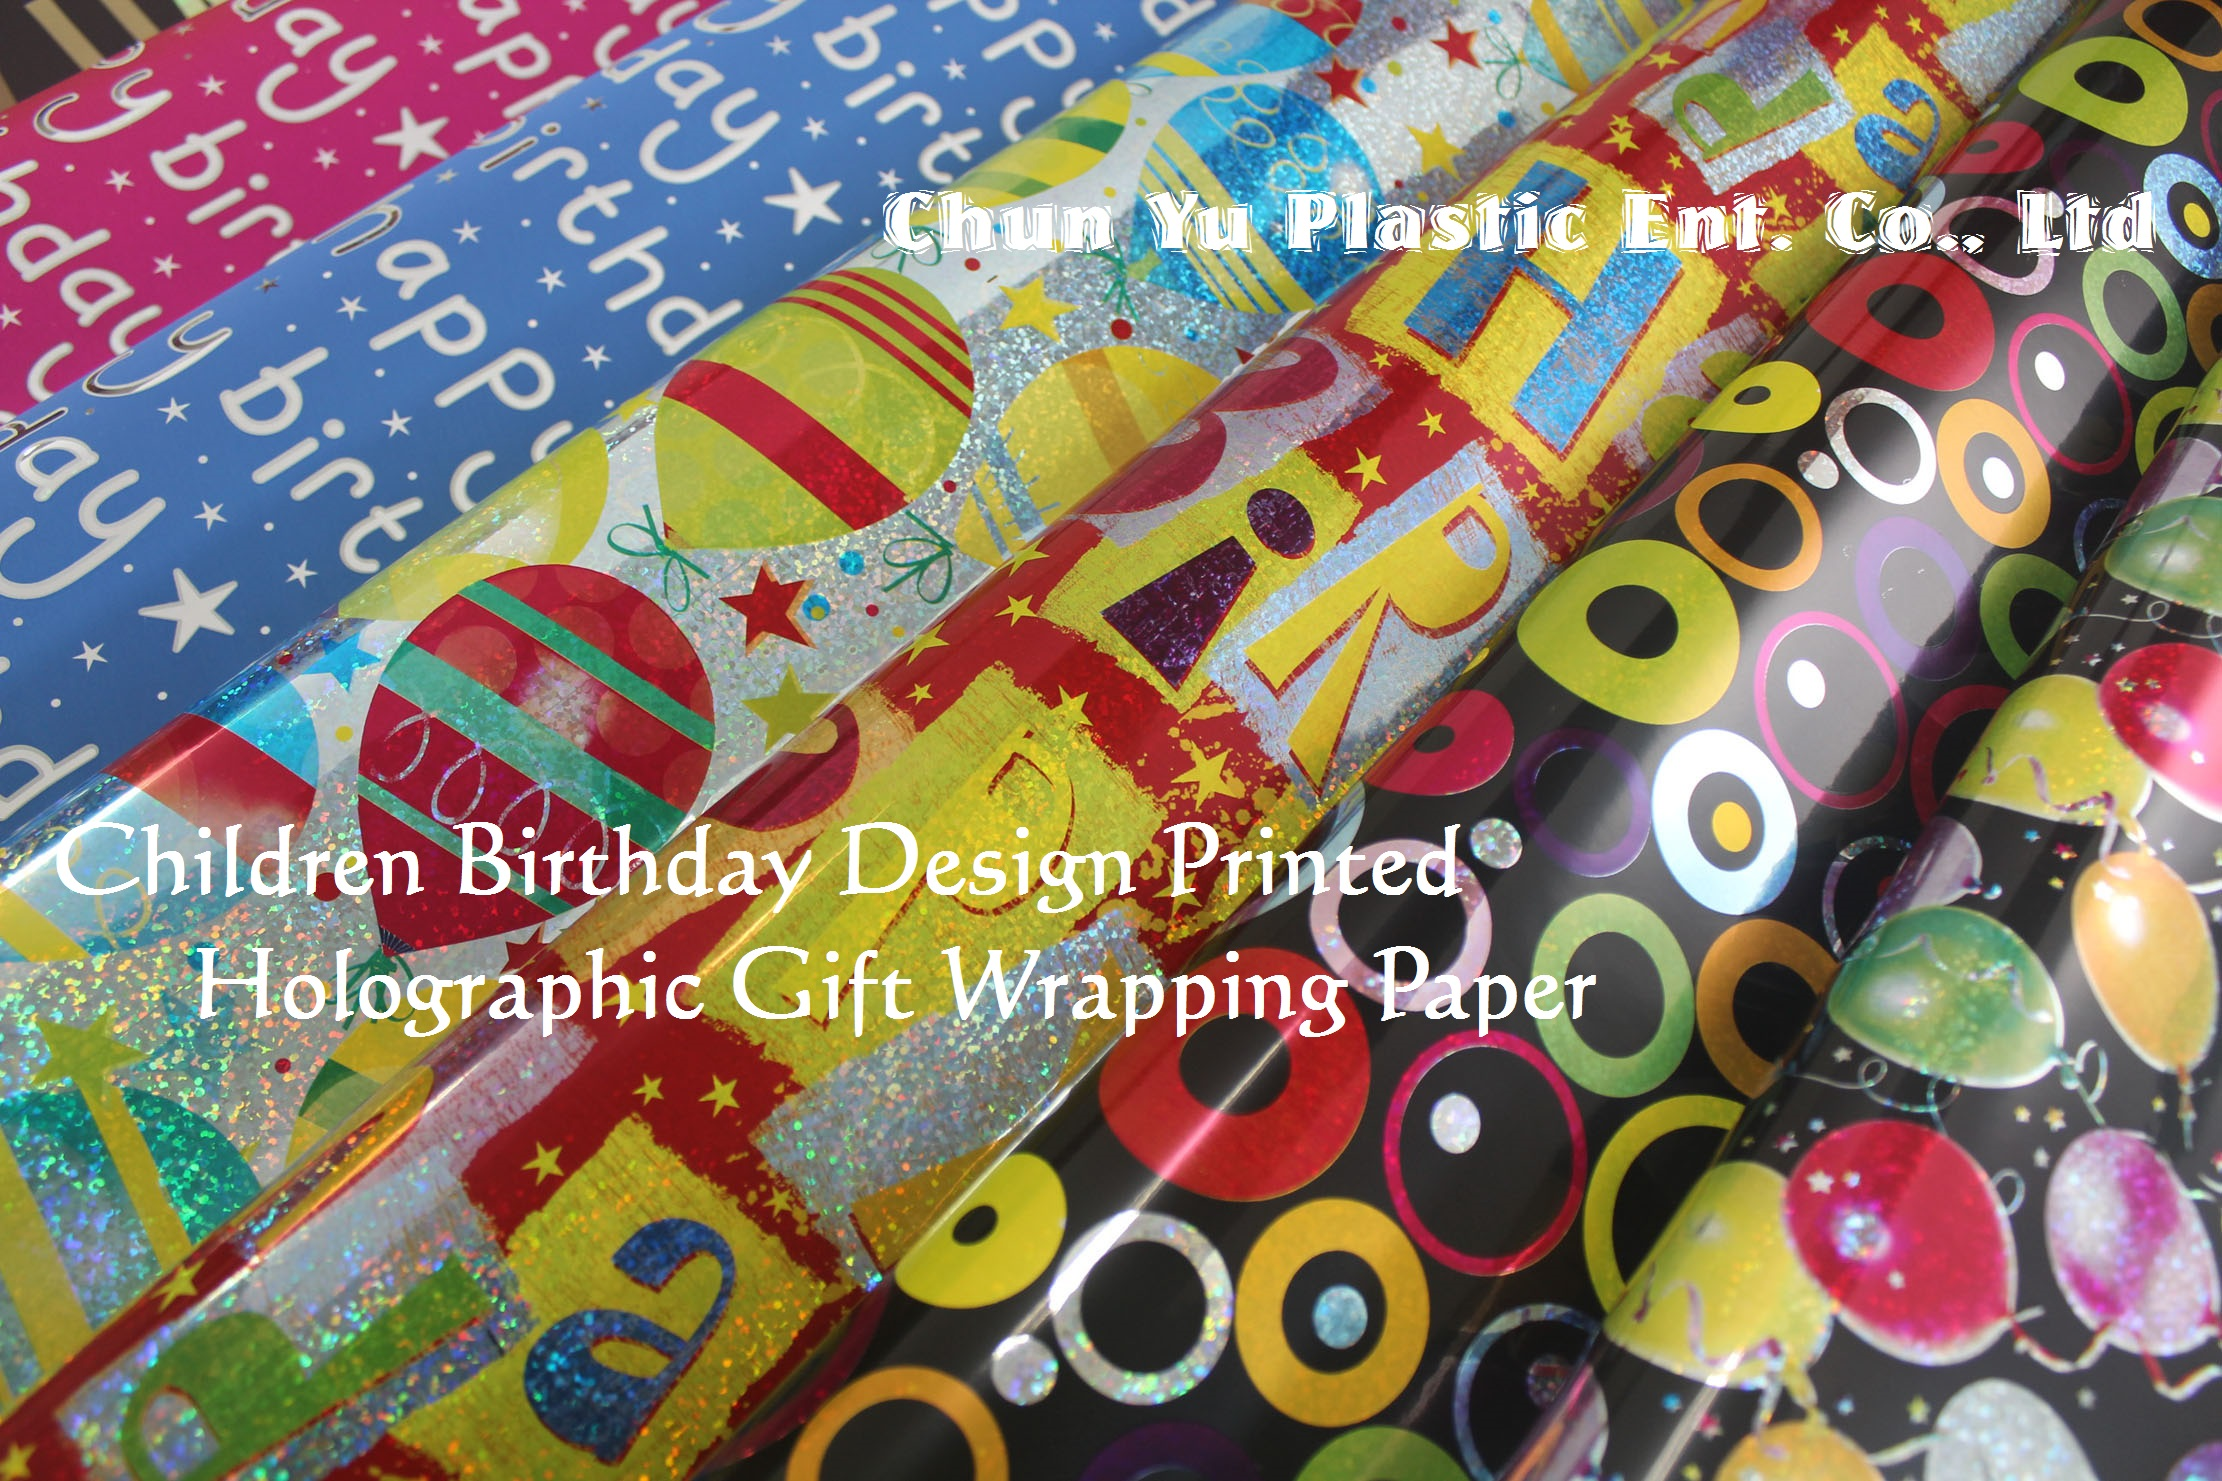 Holograficzny papier do pakowania prezentów z nadrukiem dla dzieci na przyjęcia urodzinowe i uroczystości. Nasz urodzinowy papier do pakowania holograficznego zawiera projekty dla dziewczynek i chłopców.